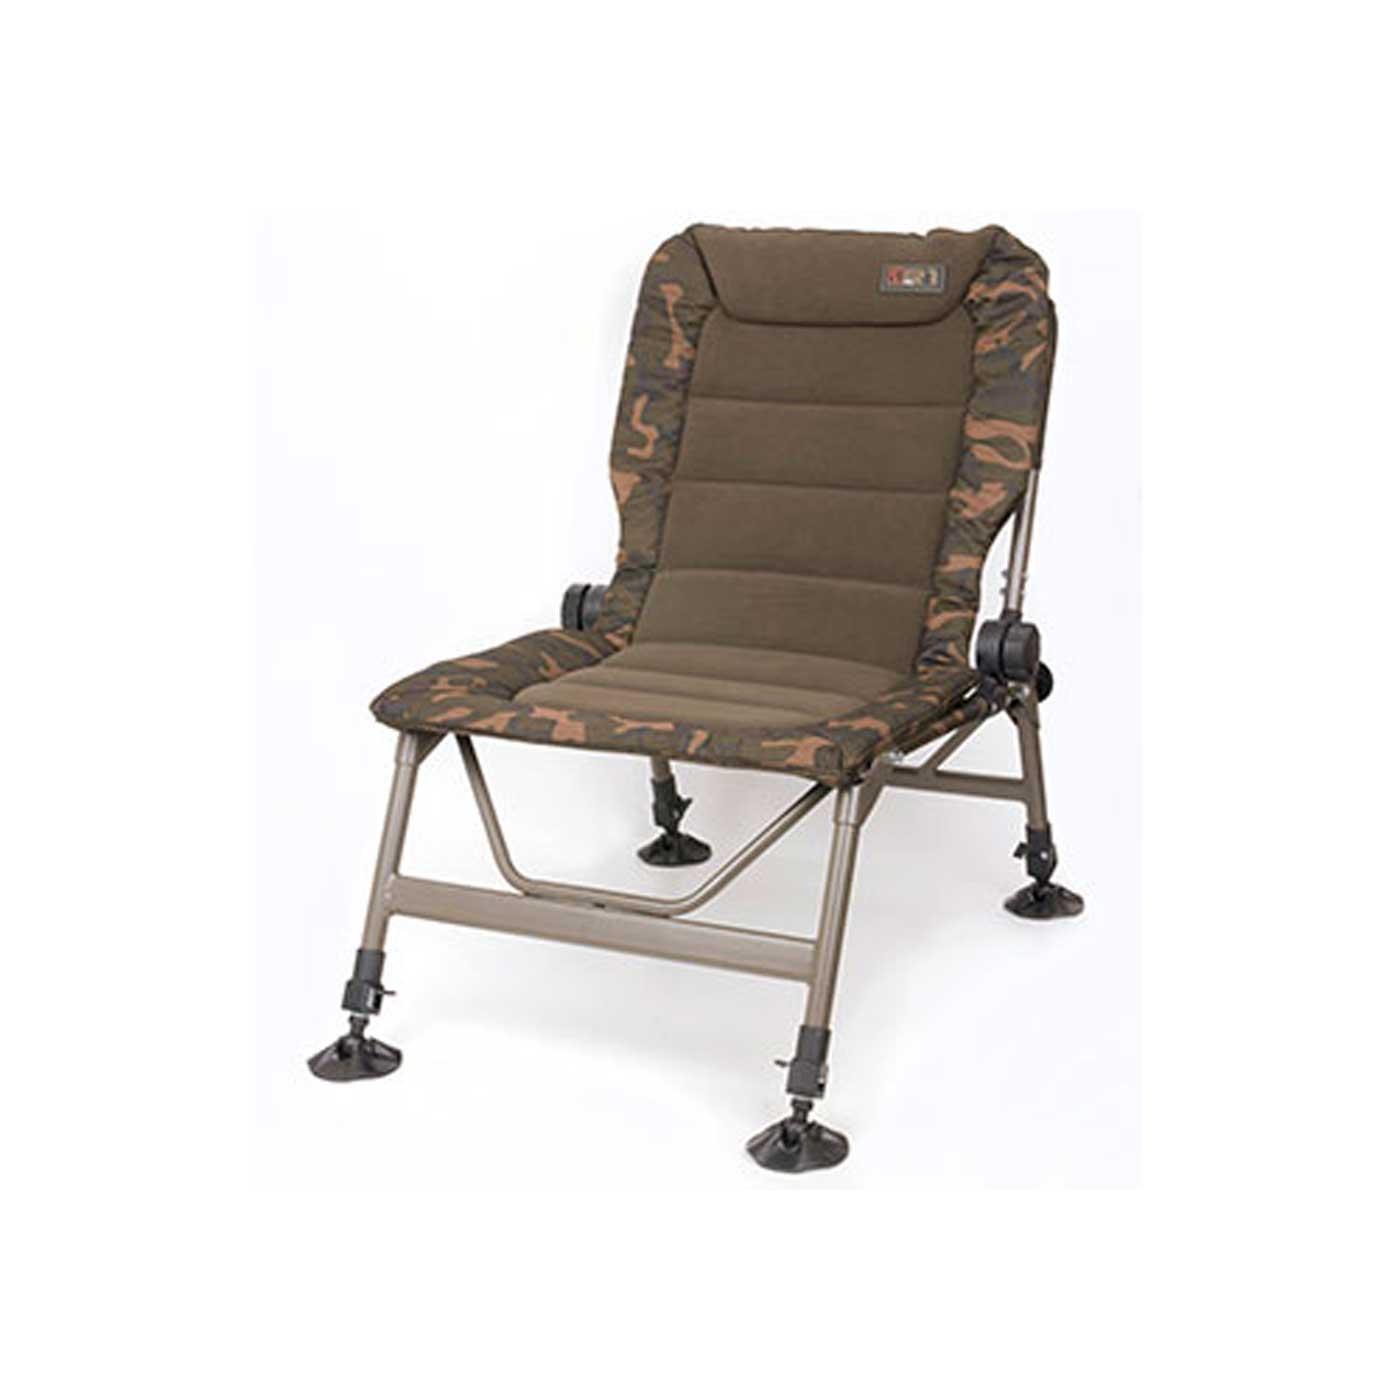 Fox R1 Camo Recliner Chair